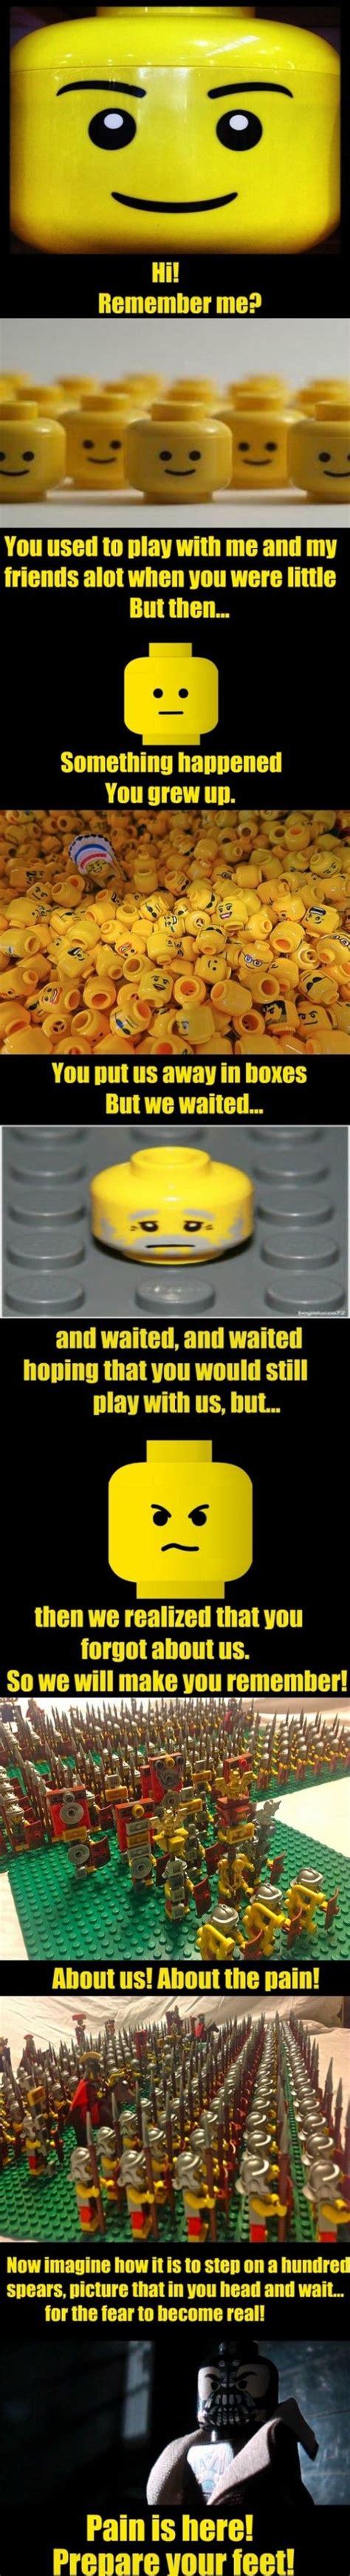 Lego Meme - 8 best images about lego memes on pinterest lego spongebob memes and justin bieber concerts